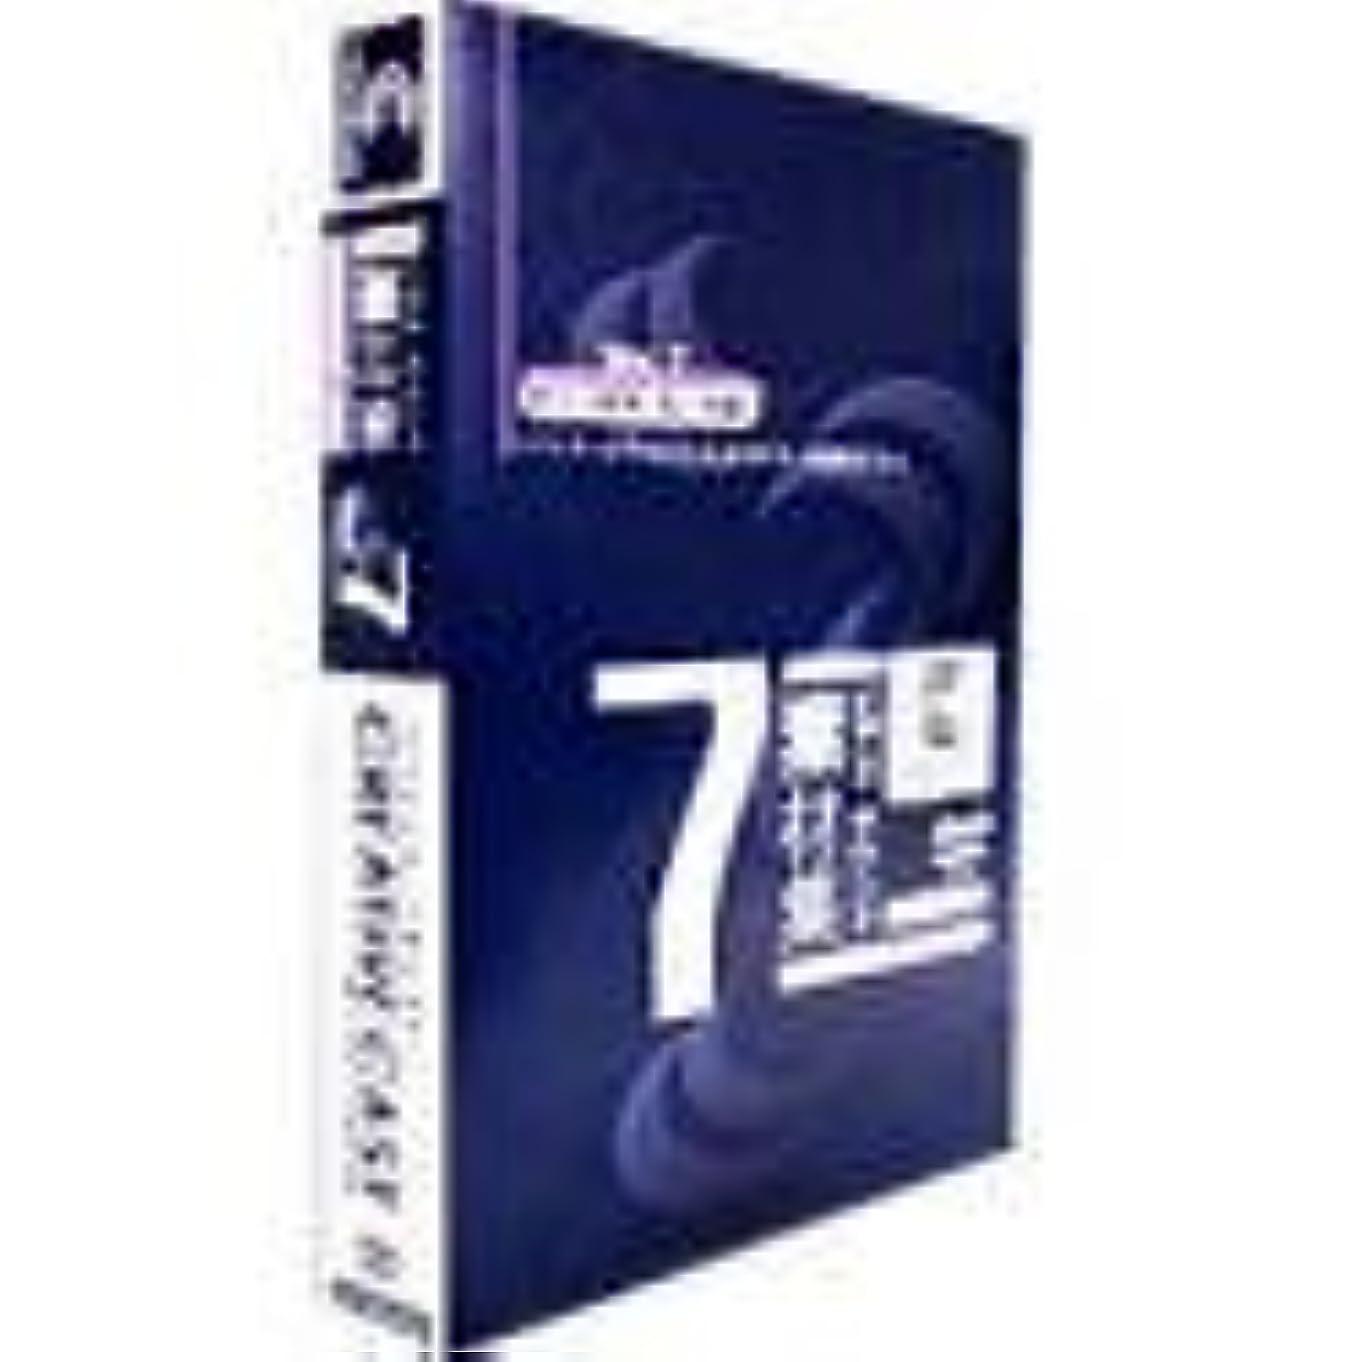 バーマドホバート語CREATIVECAST プロフェッショナル for Windows Vol.7 野生の動物 海?湖編